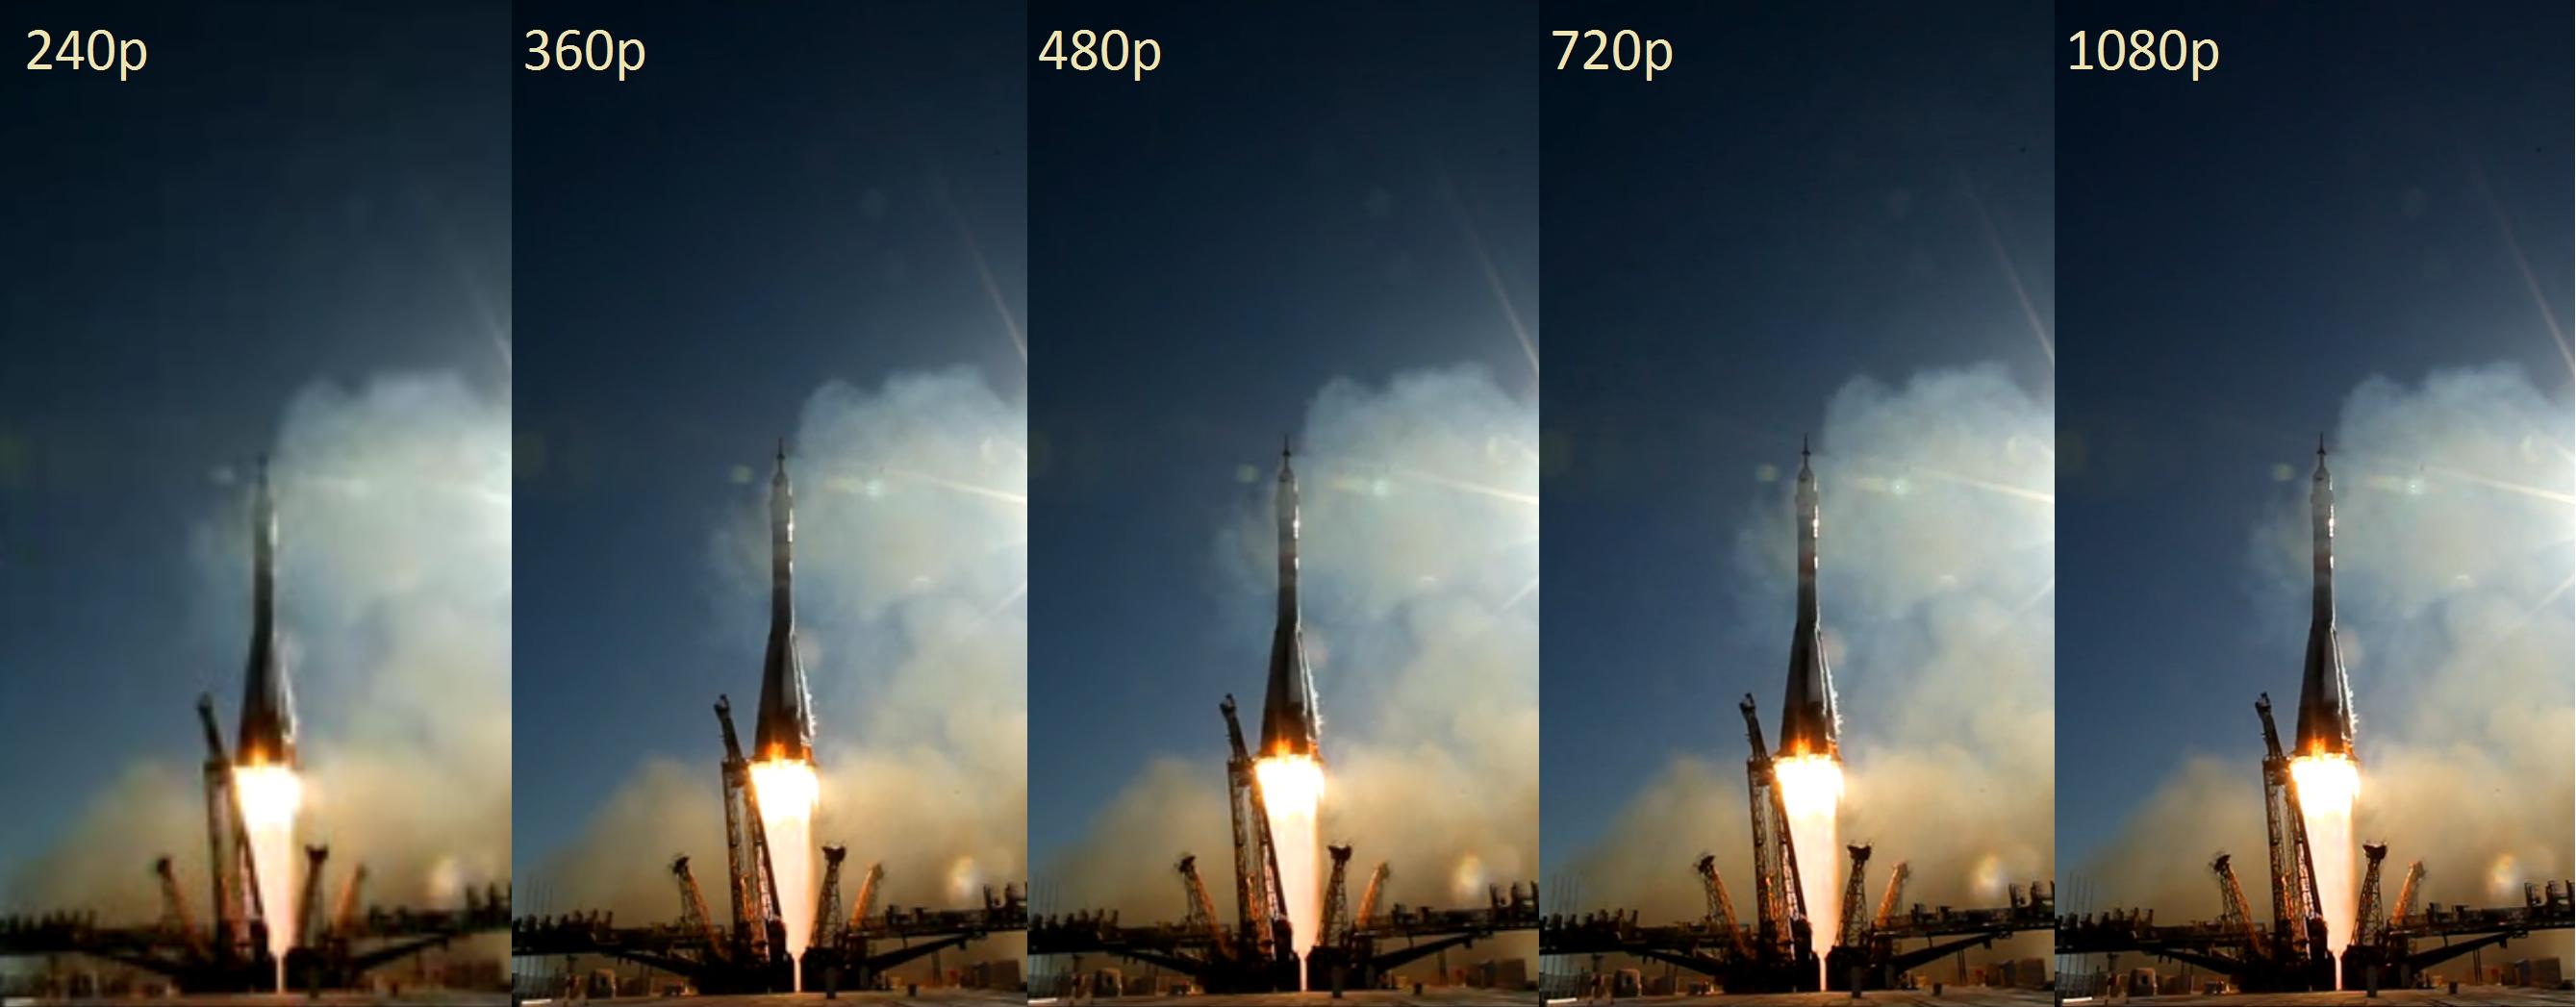 Resultado de imagen para video 1080p comparison